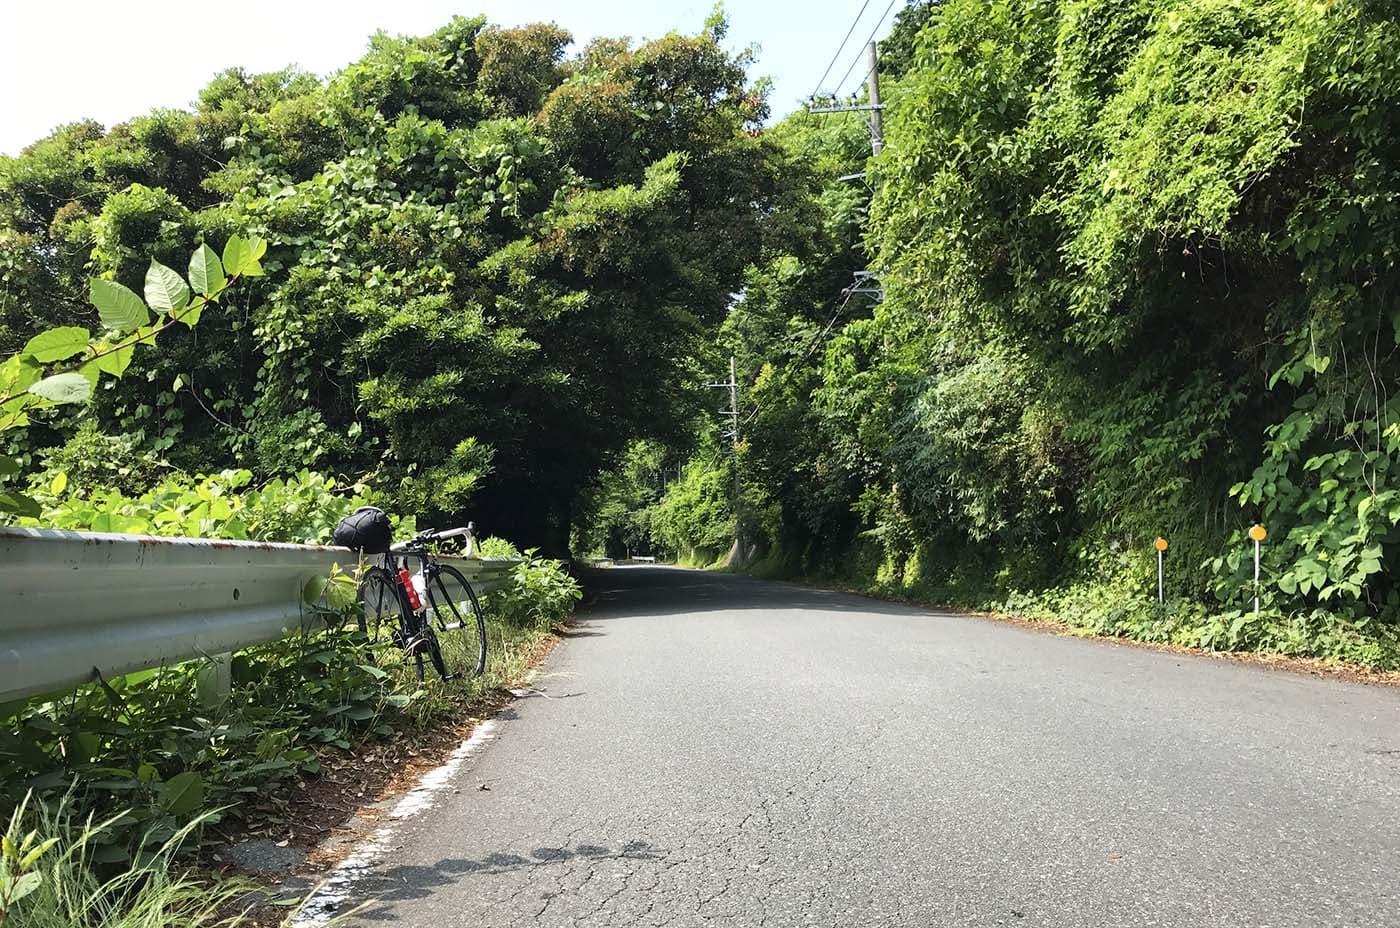 緑生い茂る道とロードバイク